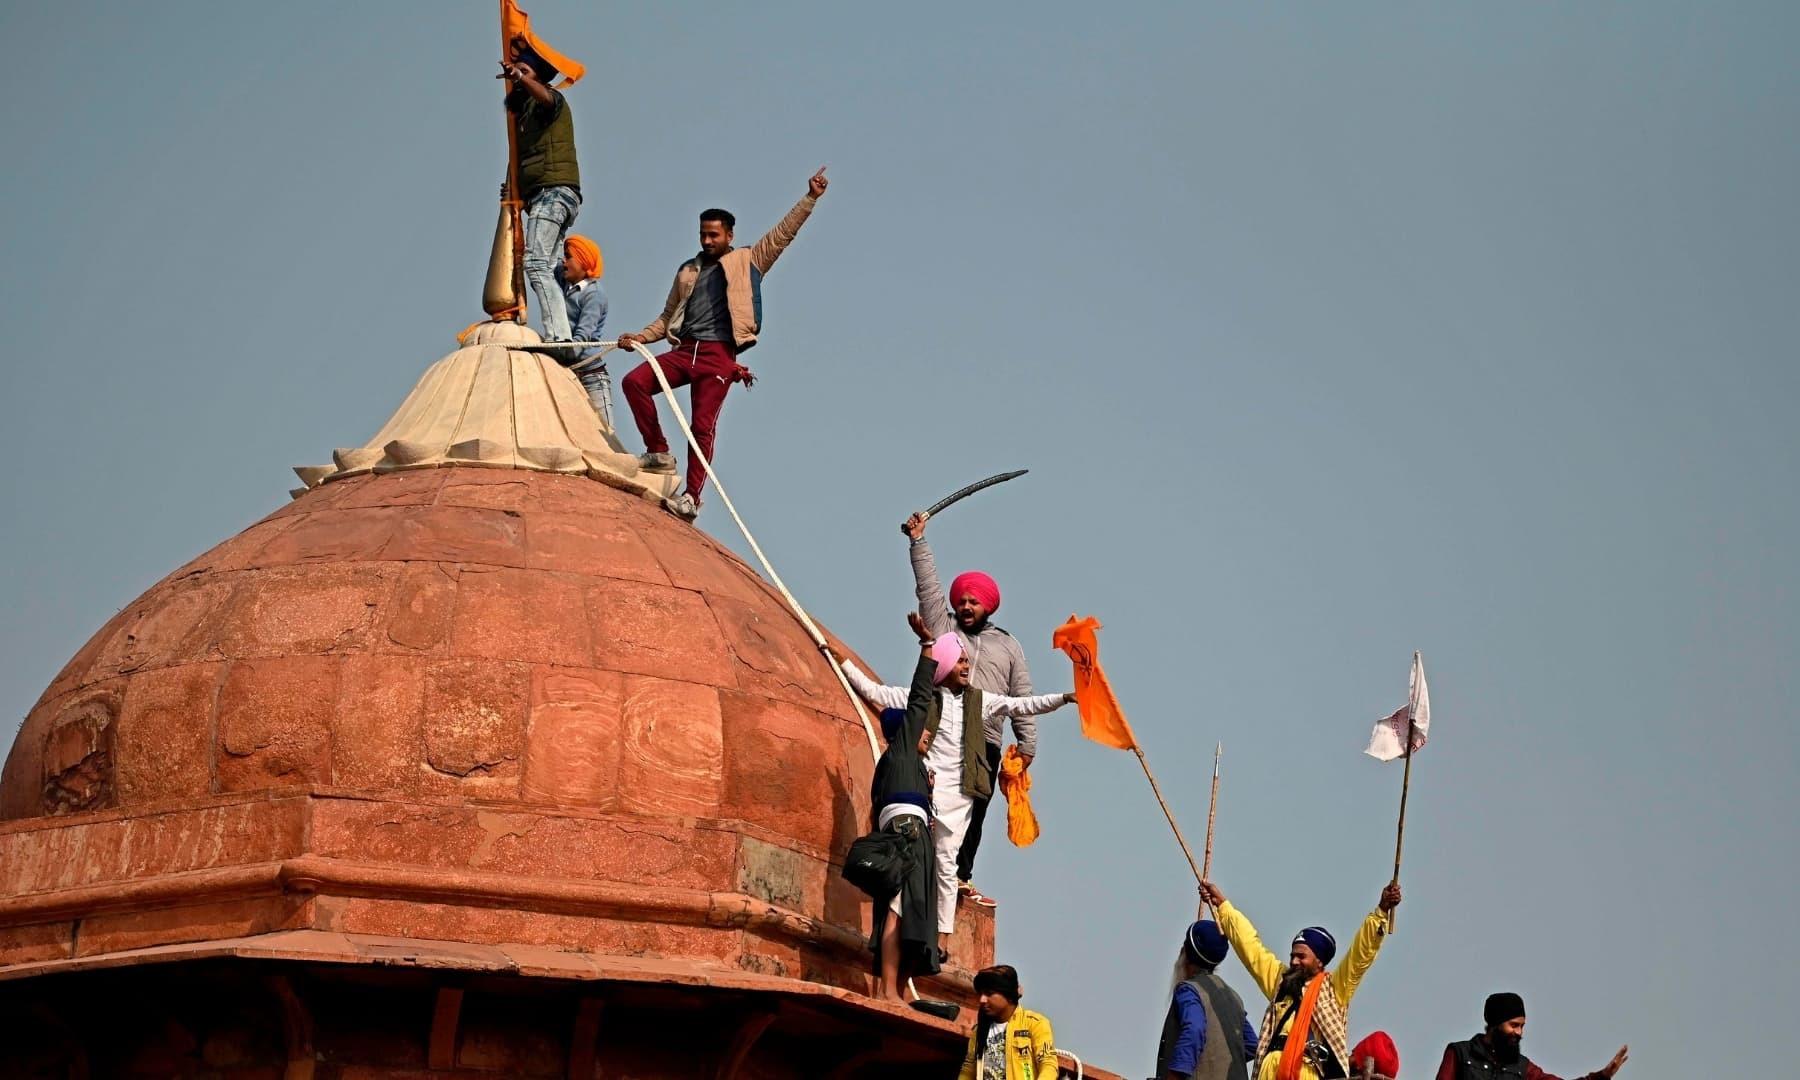 بھارتی کسانوں نے شدید احتجاج کرتے ہوئے لال قلعہ پر سرخ پرچم لہرایا— فوٹو: اے ایف پی